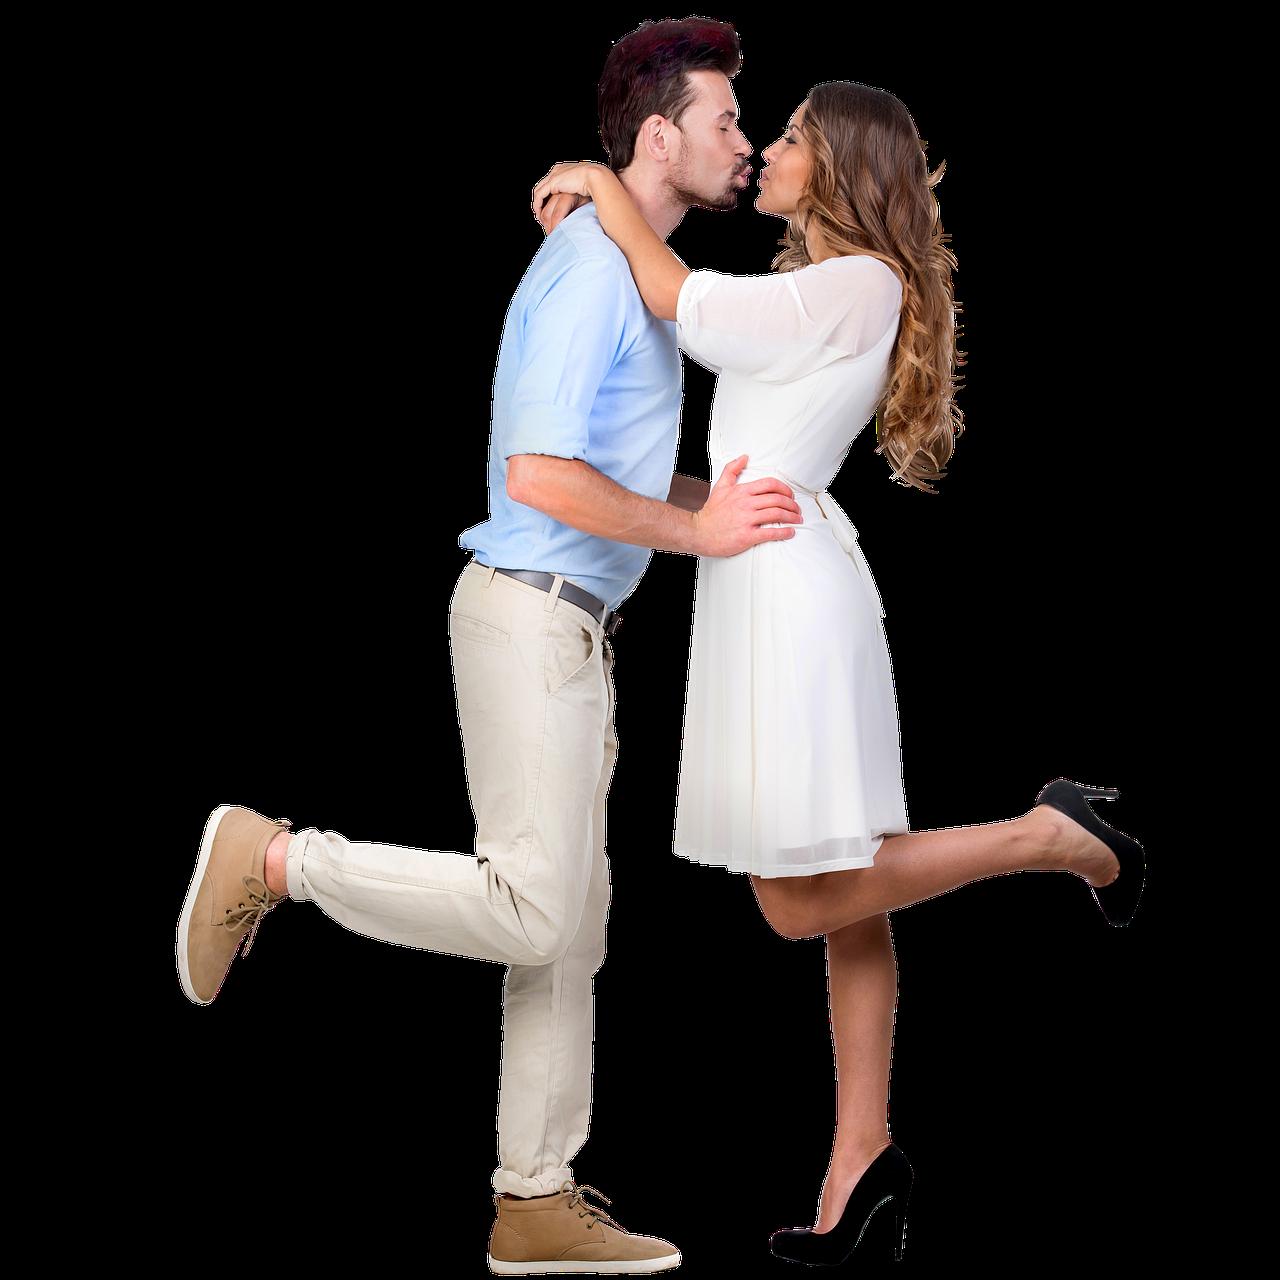 couple-6108838_1280